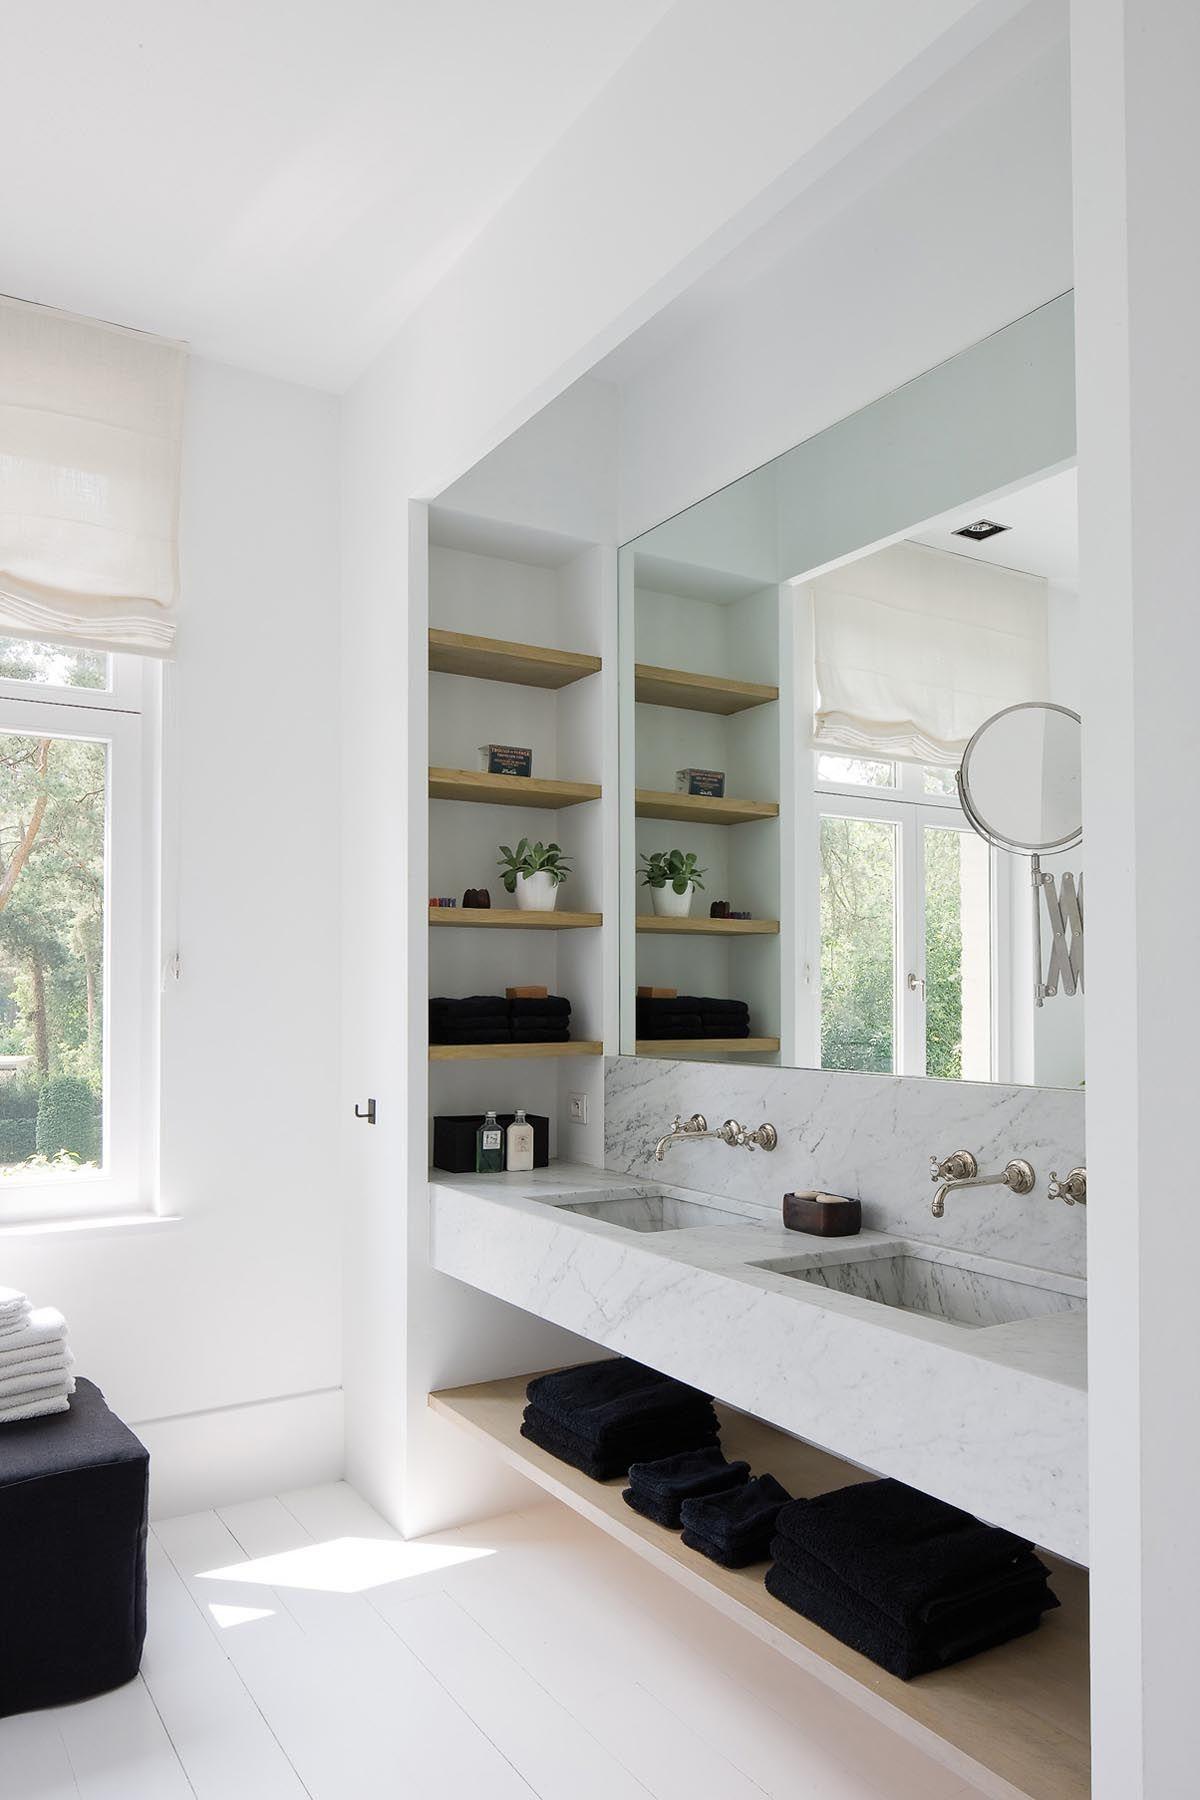 Pareti Bagno In Cartongesso parete cartongesso con finta trave | bagno interno